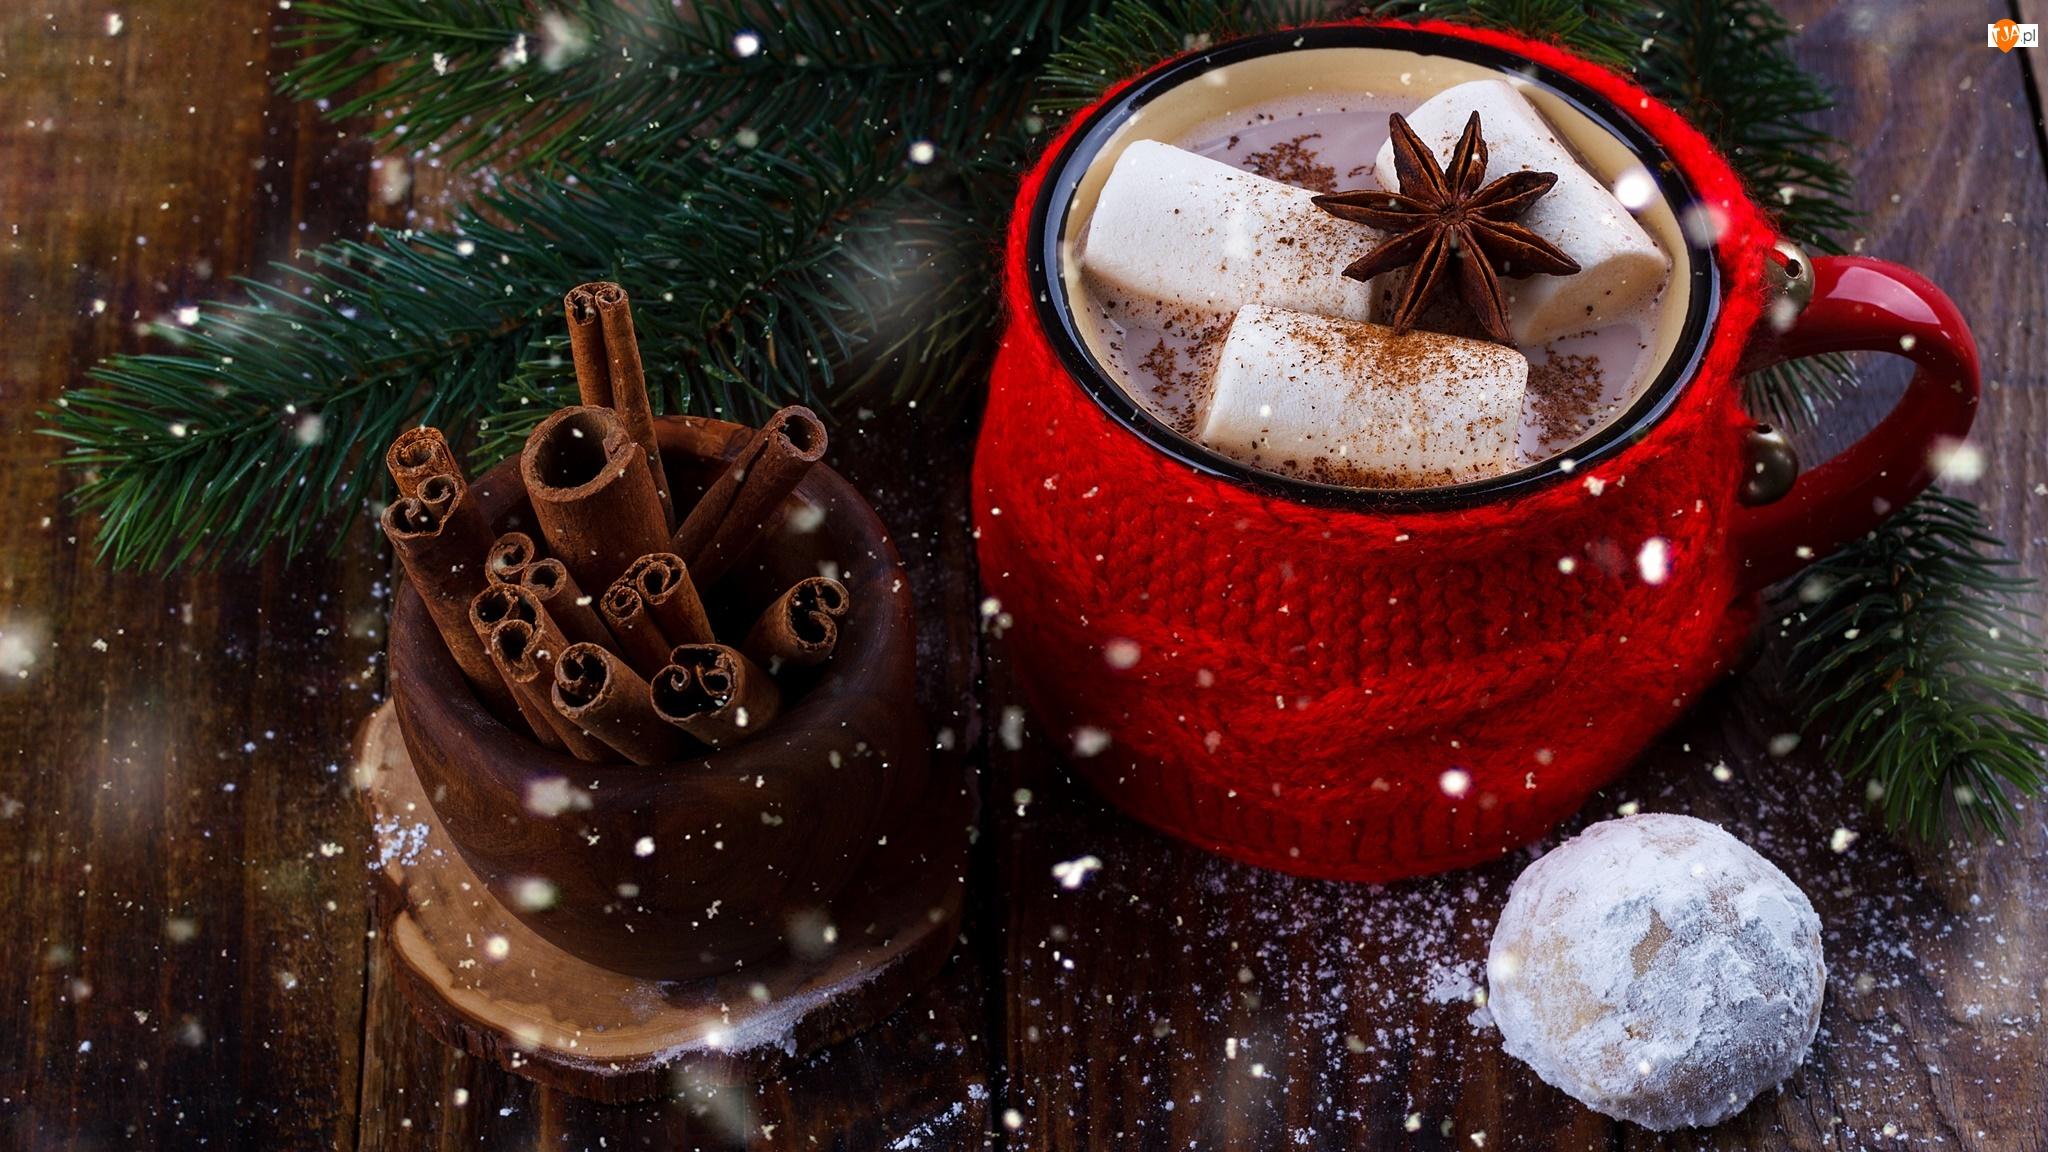 Kakao, Pianki, Świąteczna, Kubek, Kompozycja, Iglaczek, Cynamon